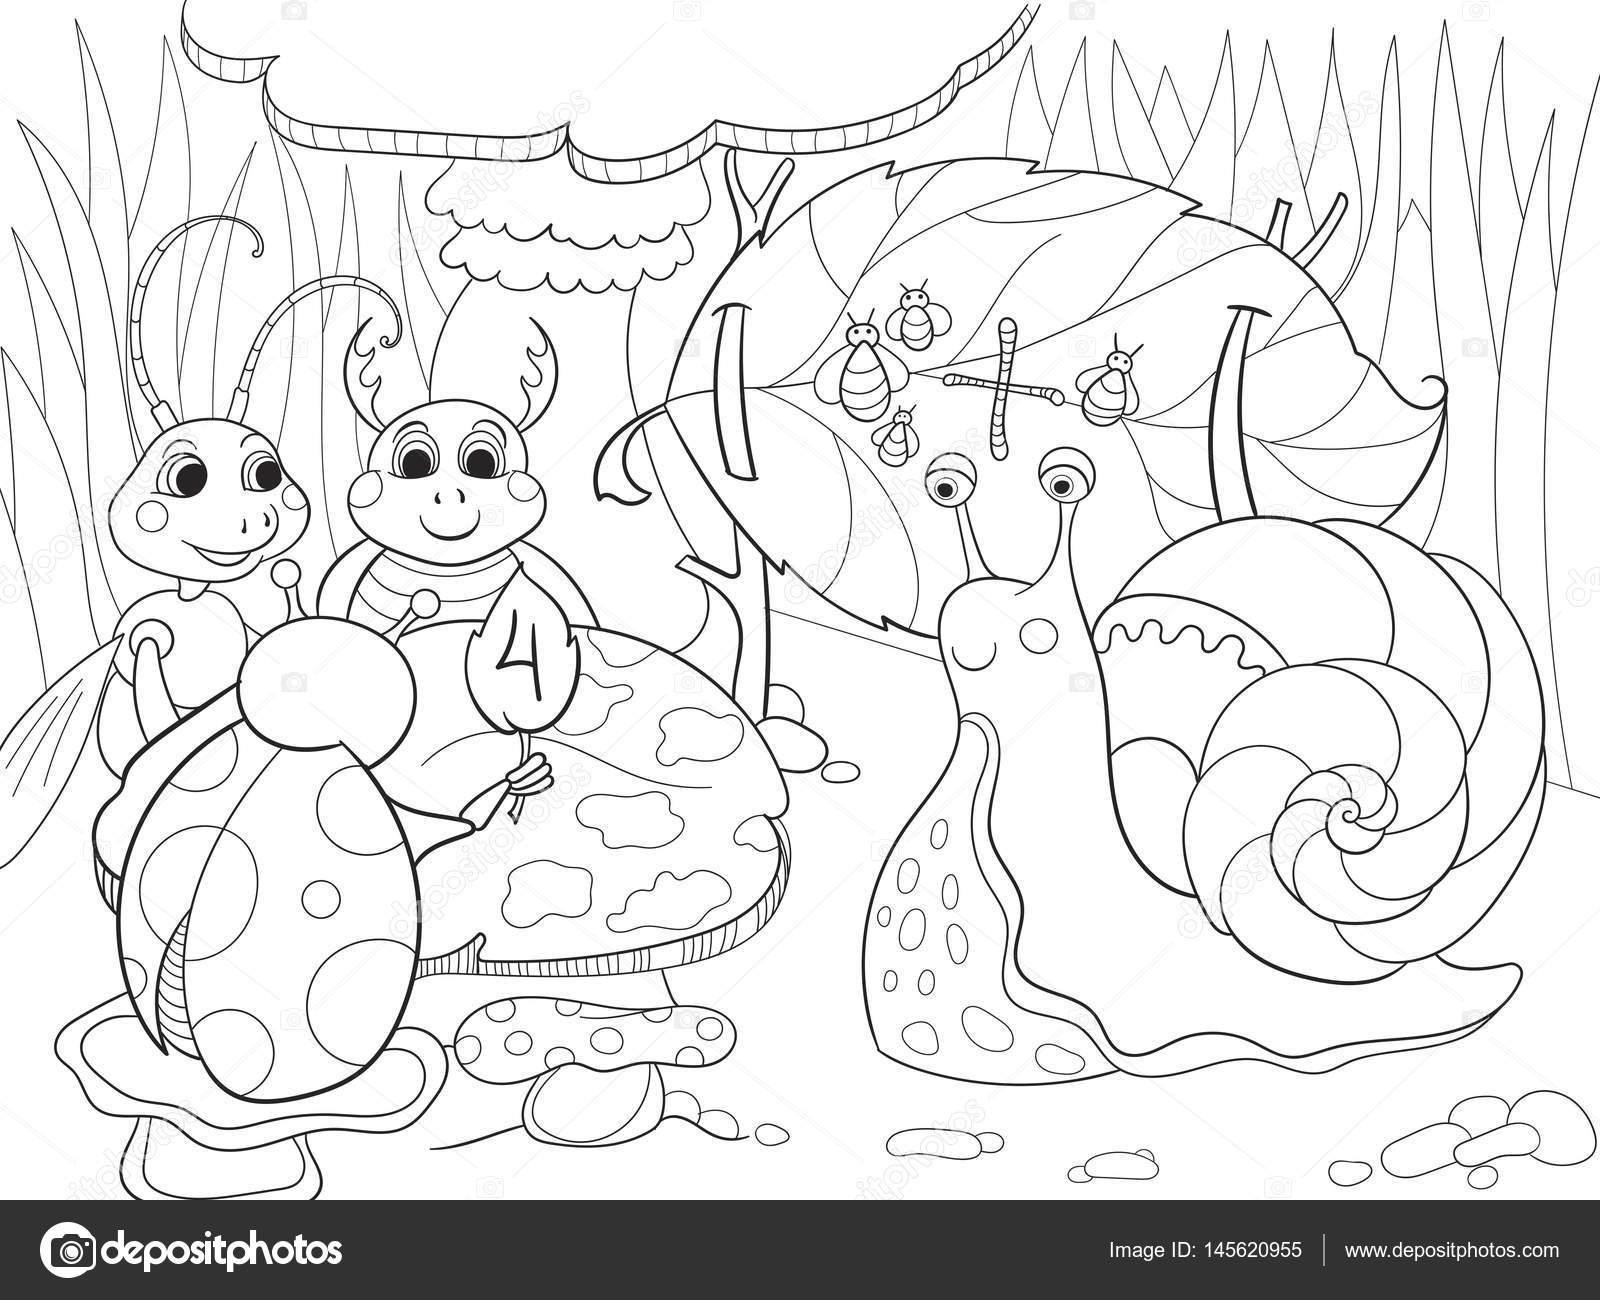 Aprenden de insectos para colorear matemáticas para niños de dibujos ...